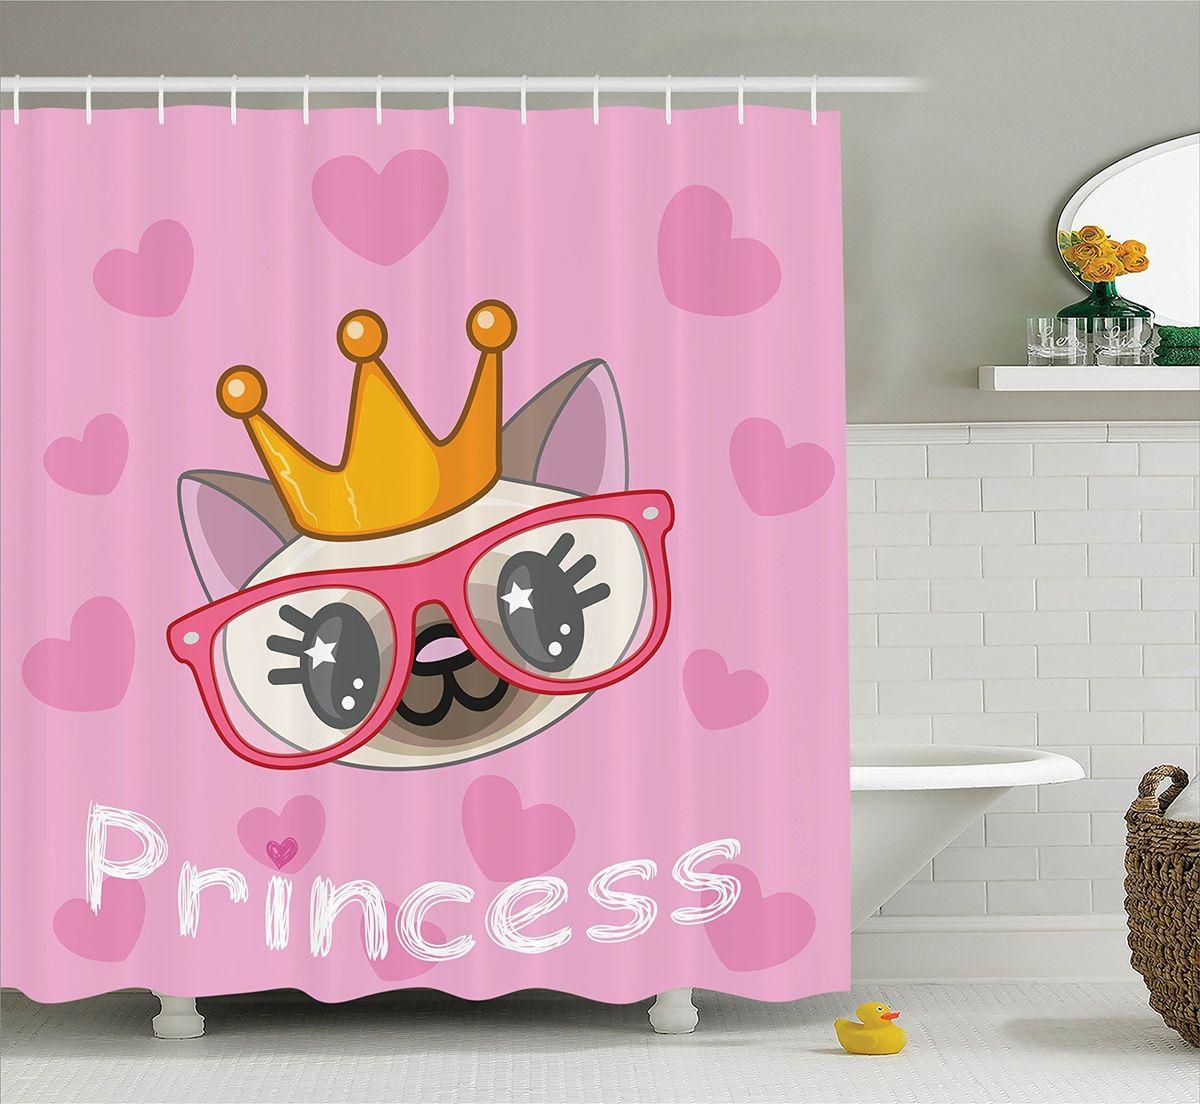 Штора для ванной комнаты Magic Lady Принцесса кошек, 180 х 200 смшв_11984Штора Magic Lady Принцесса кошек, изготовленная из высококачественного сатена (полиэстер 100%), отлично дополнит любой интерьер ванной комнаты. При изготовлении используются специальные гипоаллергенные чернила для прямой печати по ткани, безопасные для человека.В комплекте: 1 штора, 12 крючков. Обращаем ваше внимание, фактический цвет изделия может незначительно отличаться от представленного на фото.